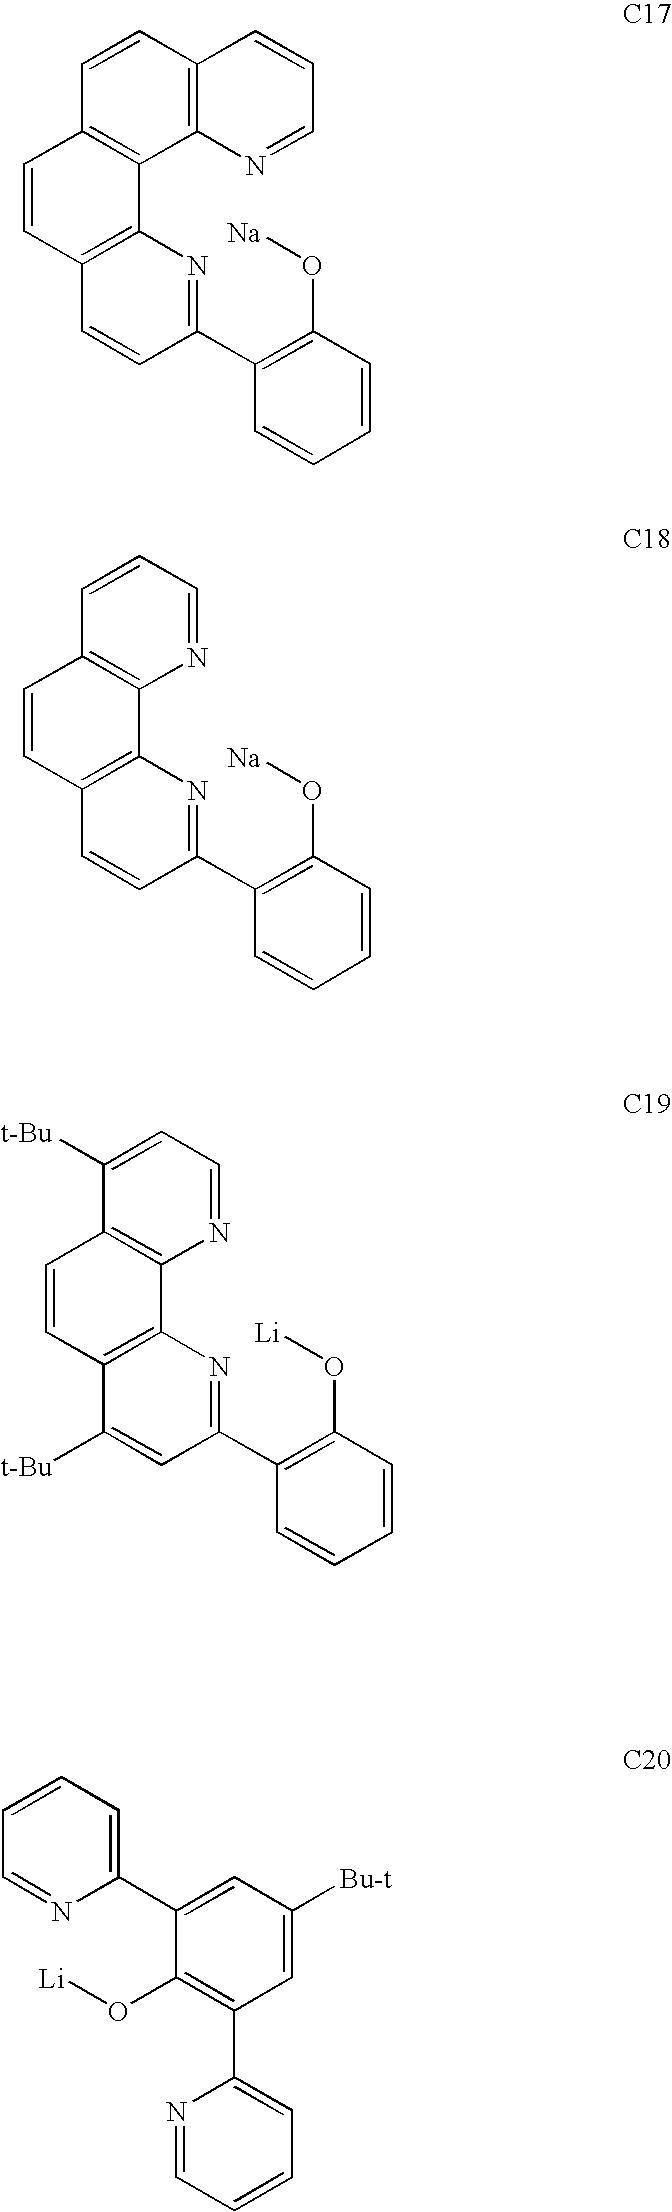 Figure US07955719-20110607-C00004